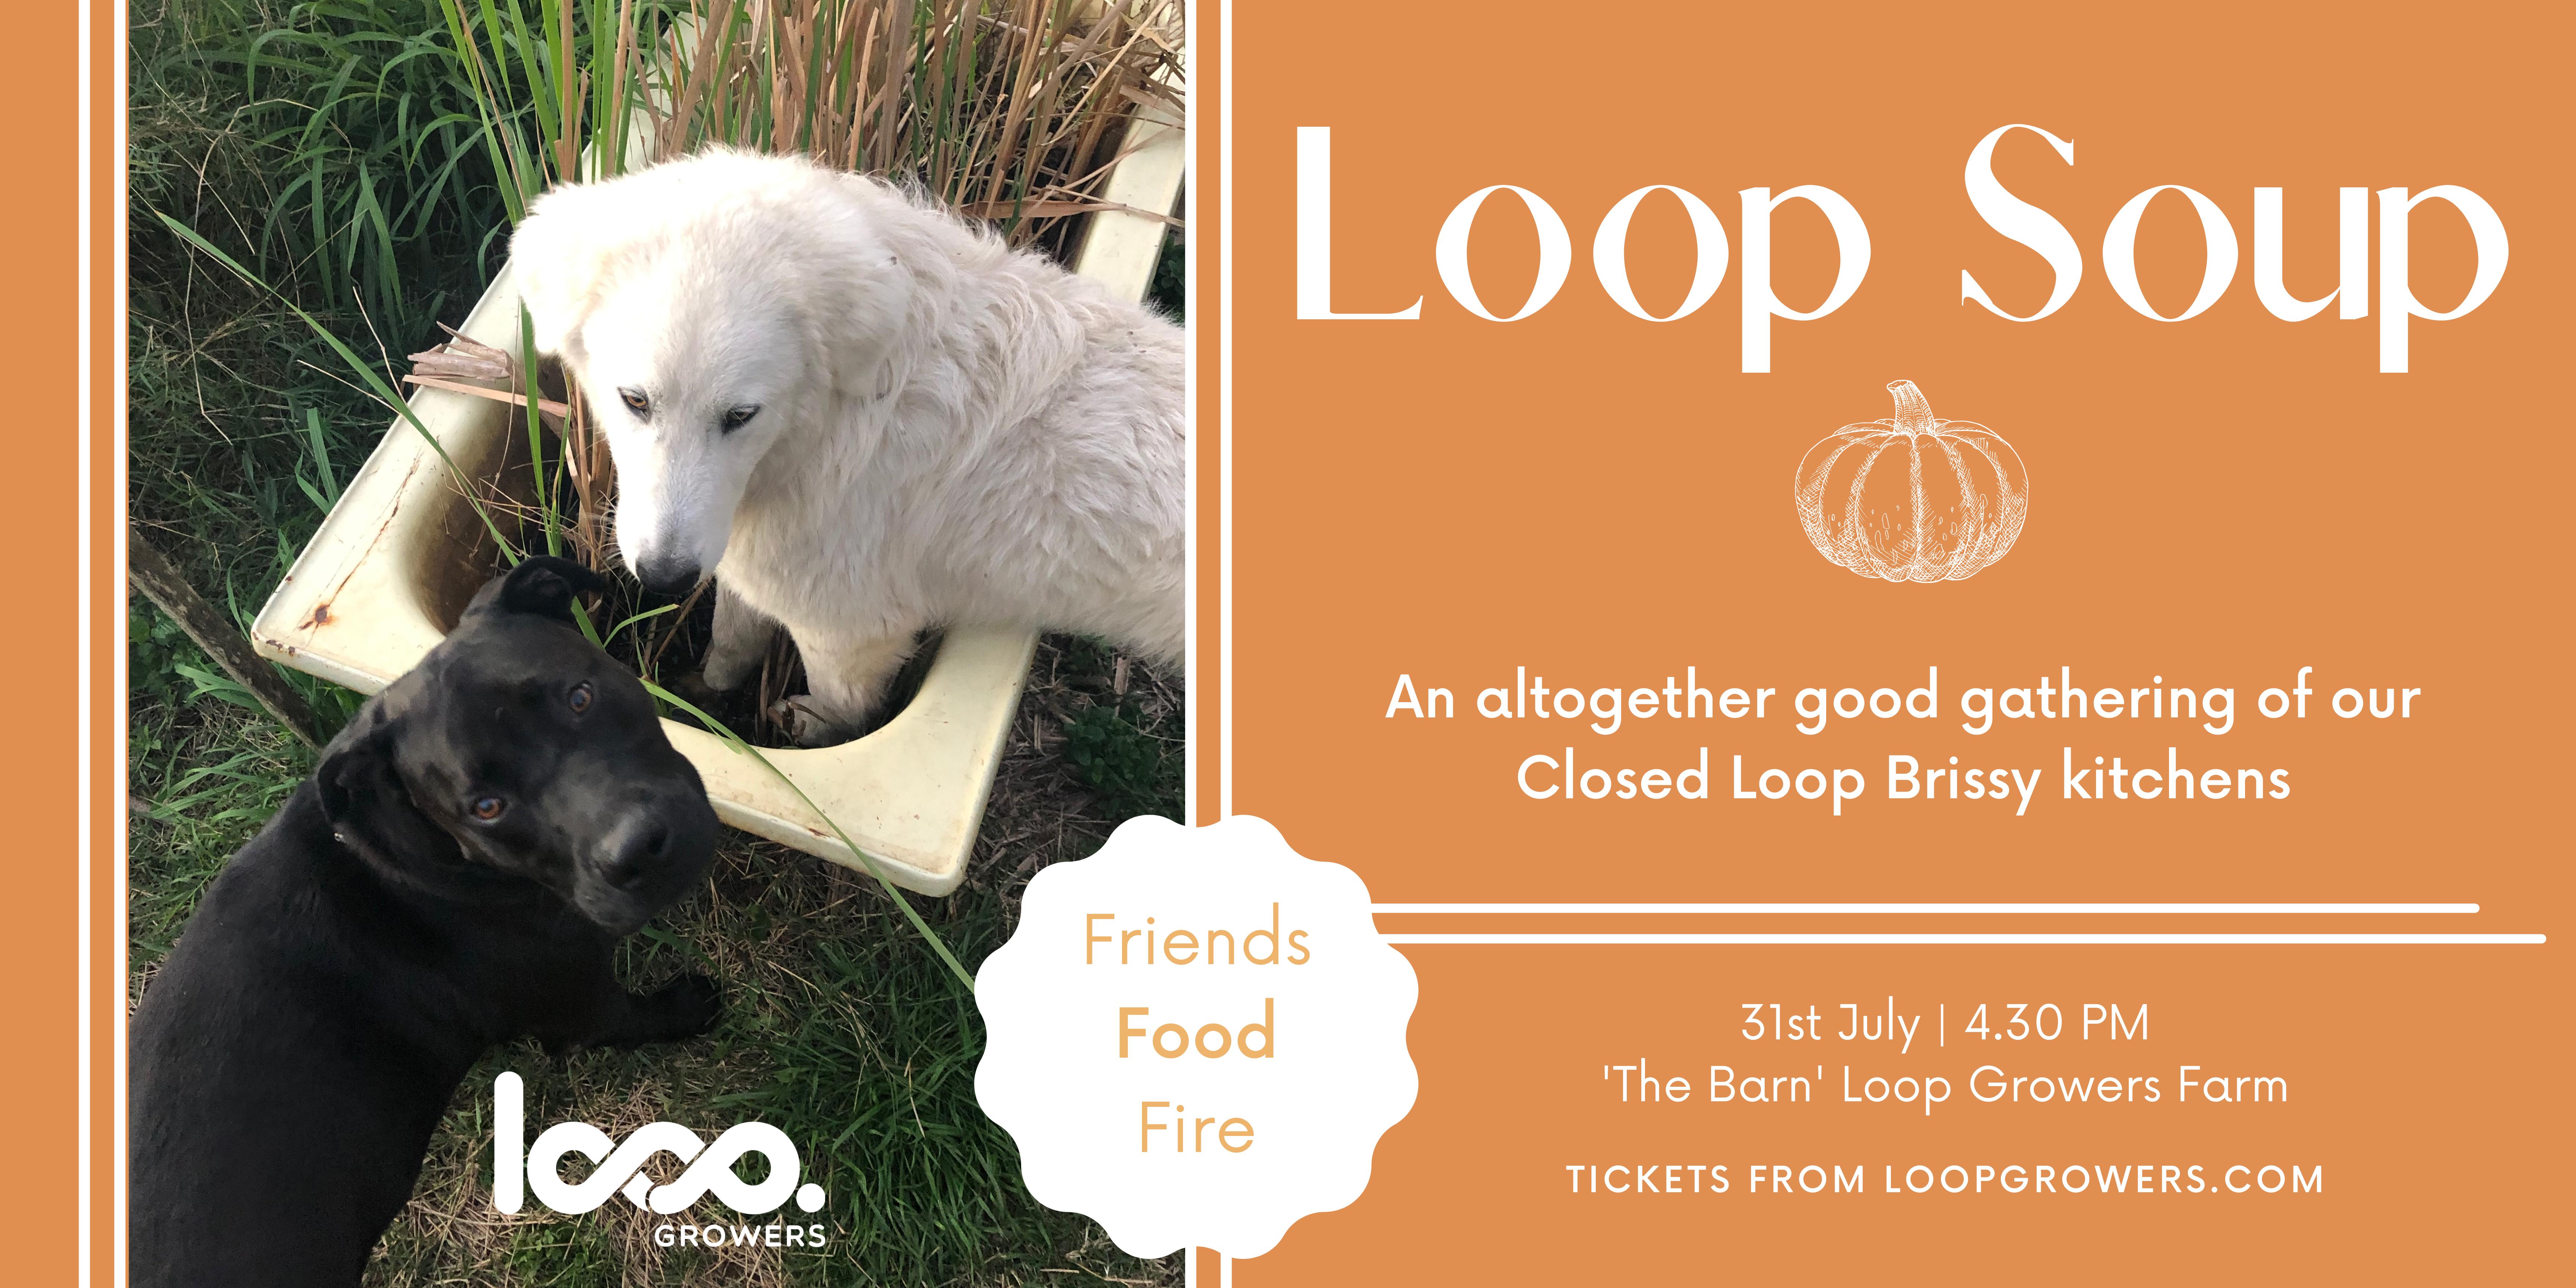 Loop Soup-2